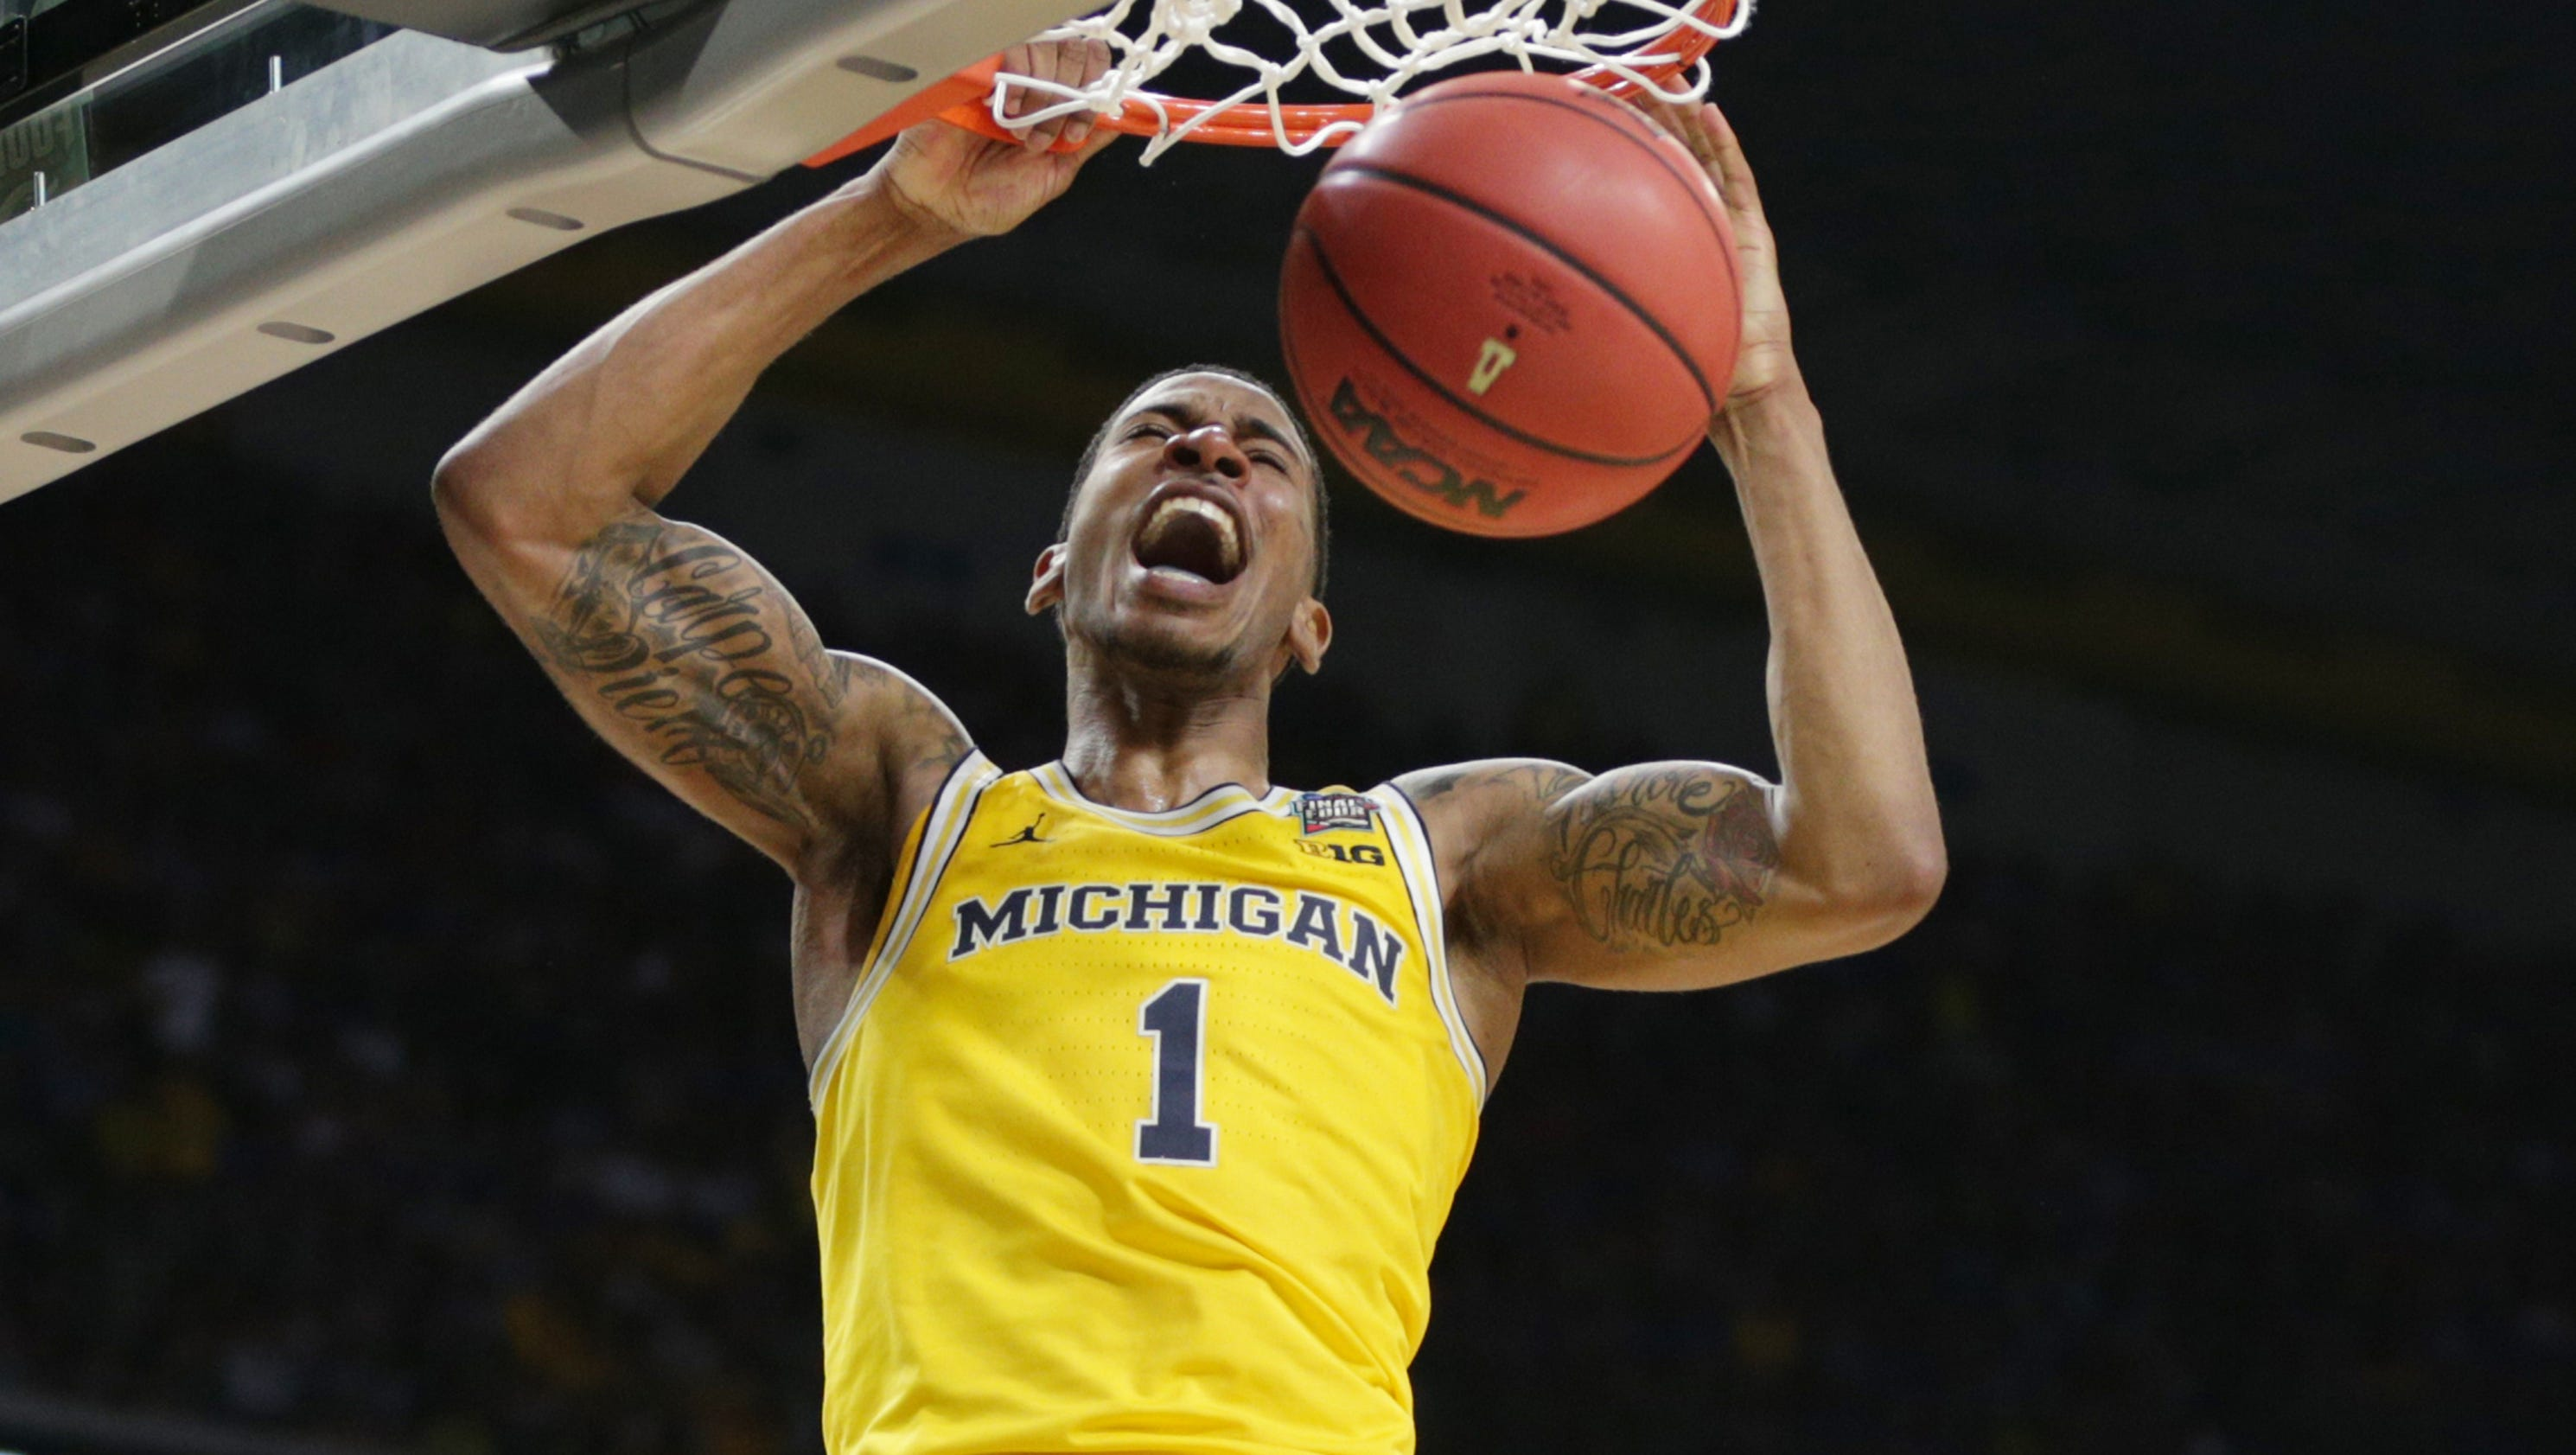 michigan basketball - photo #12